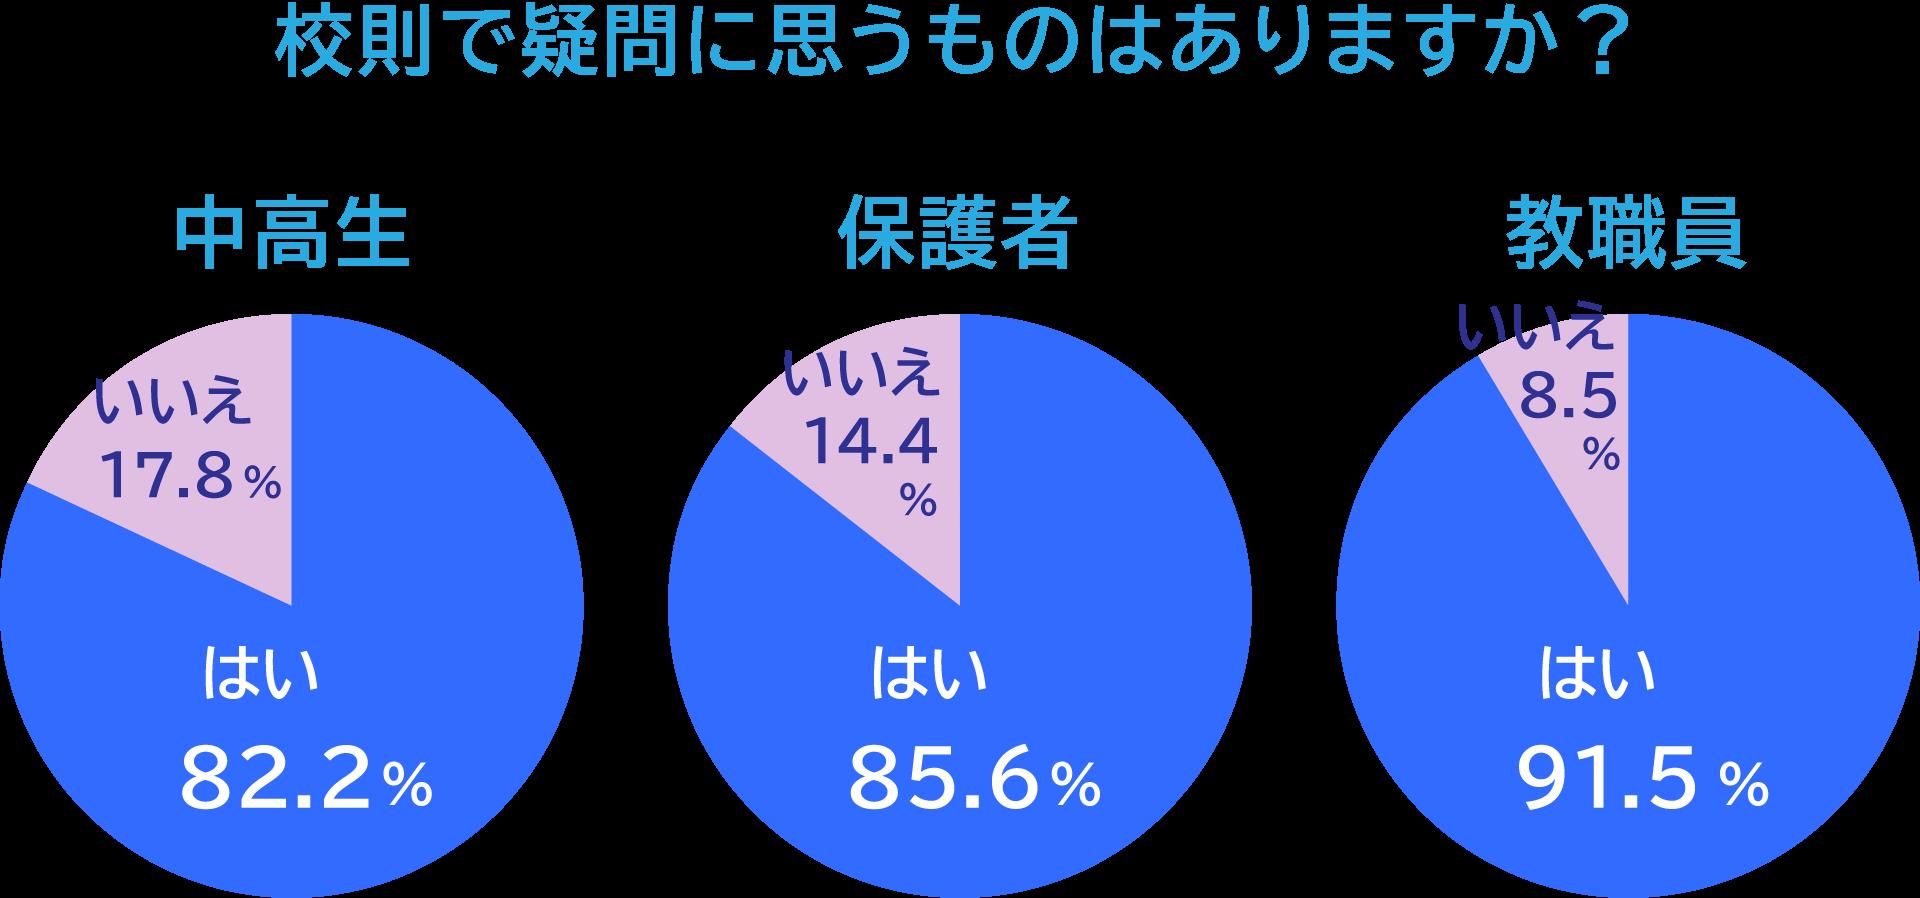 校則で疑問に思うものはありますか?中高生「はい」82.2%「いいえ」17.8%、保護者「はい」85.6%「いいえ」14.4%、教職員「はい」91.5%「いいえ」8.5%